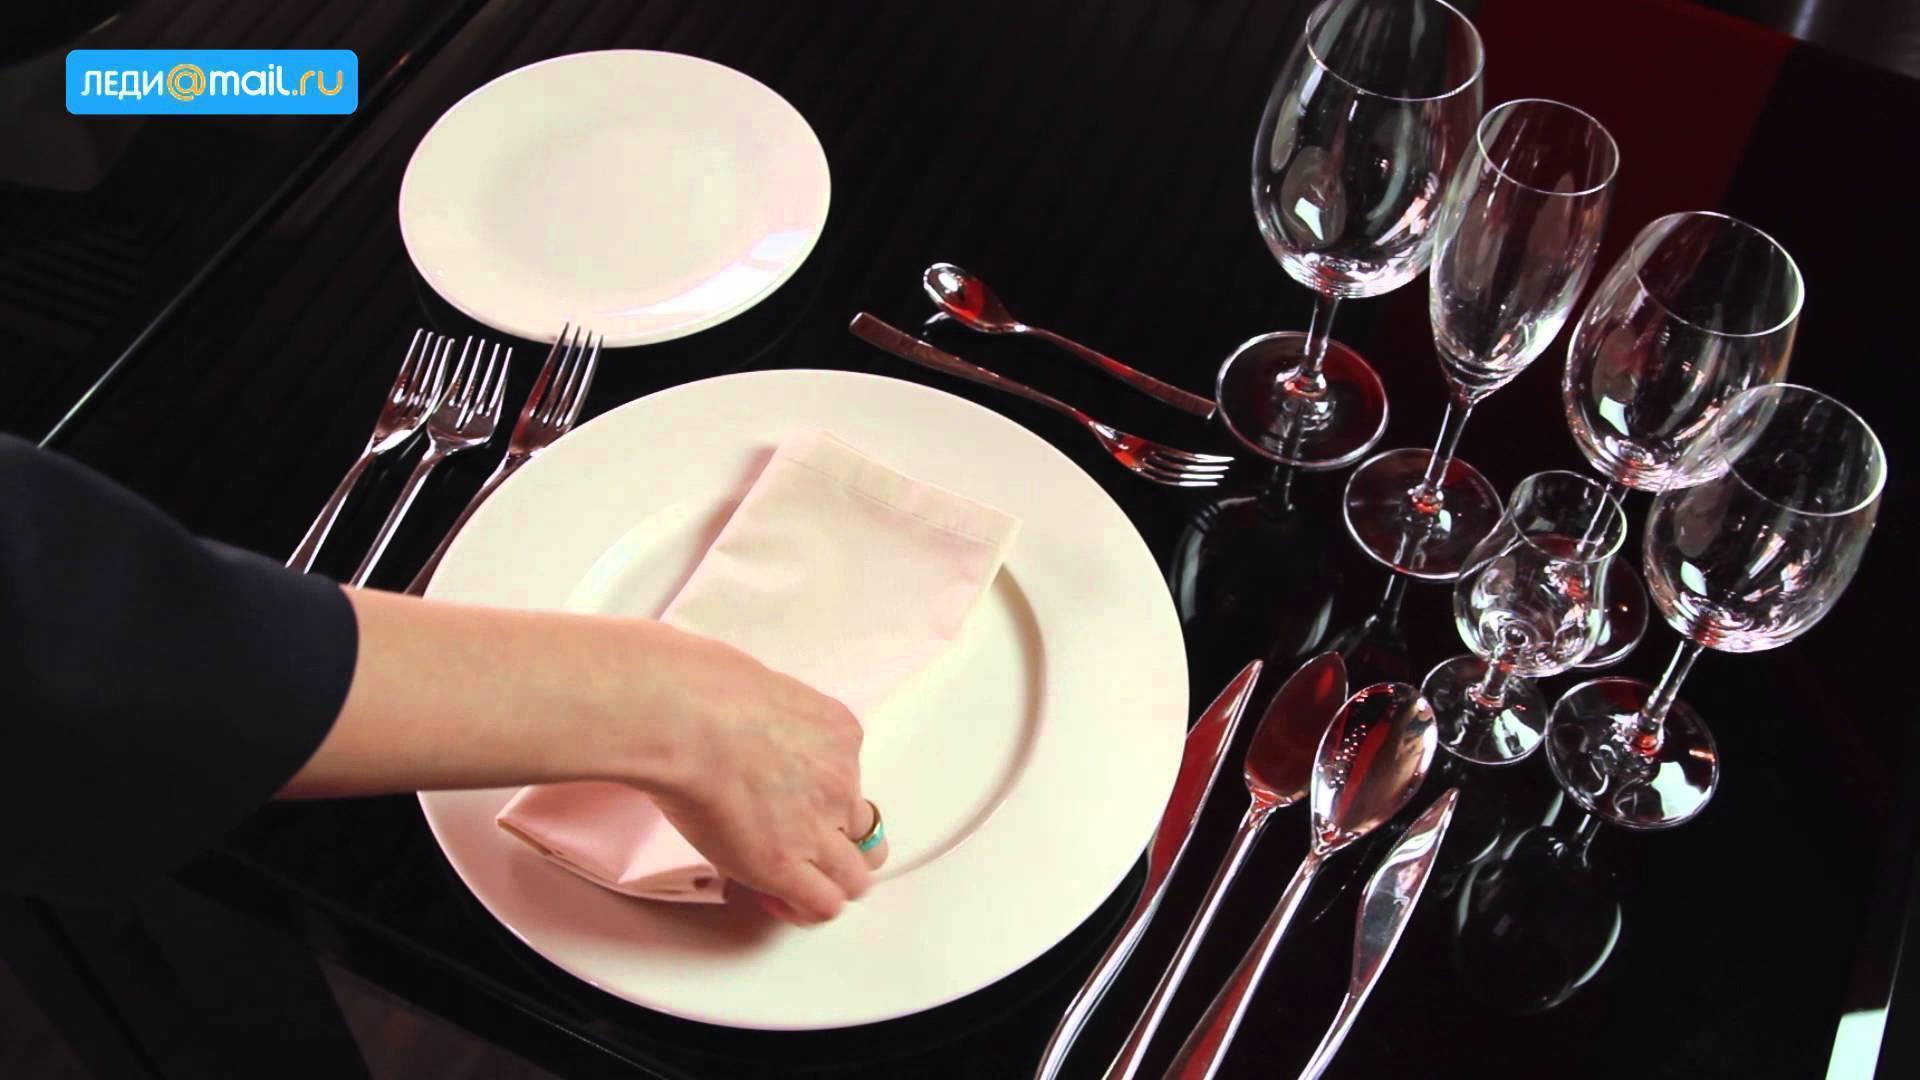 Калабас: 110 фото аксессуара и лучшие рецепты используемые с сосуде